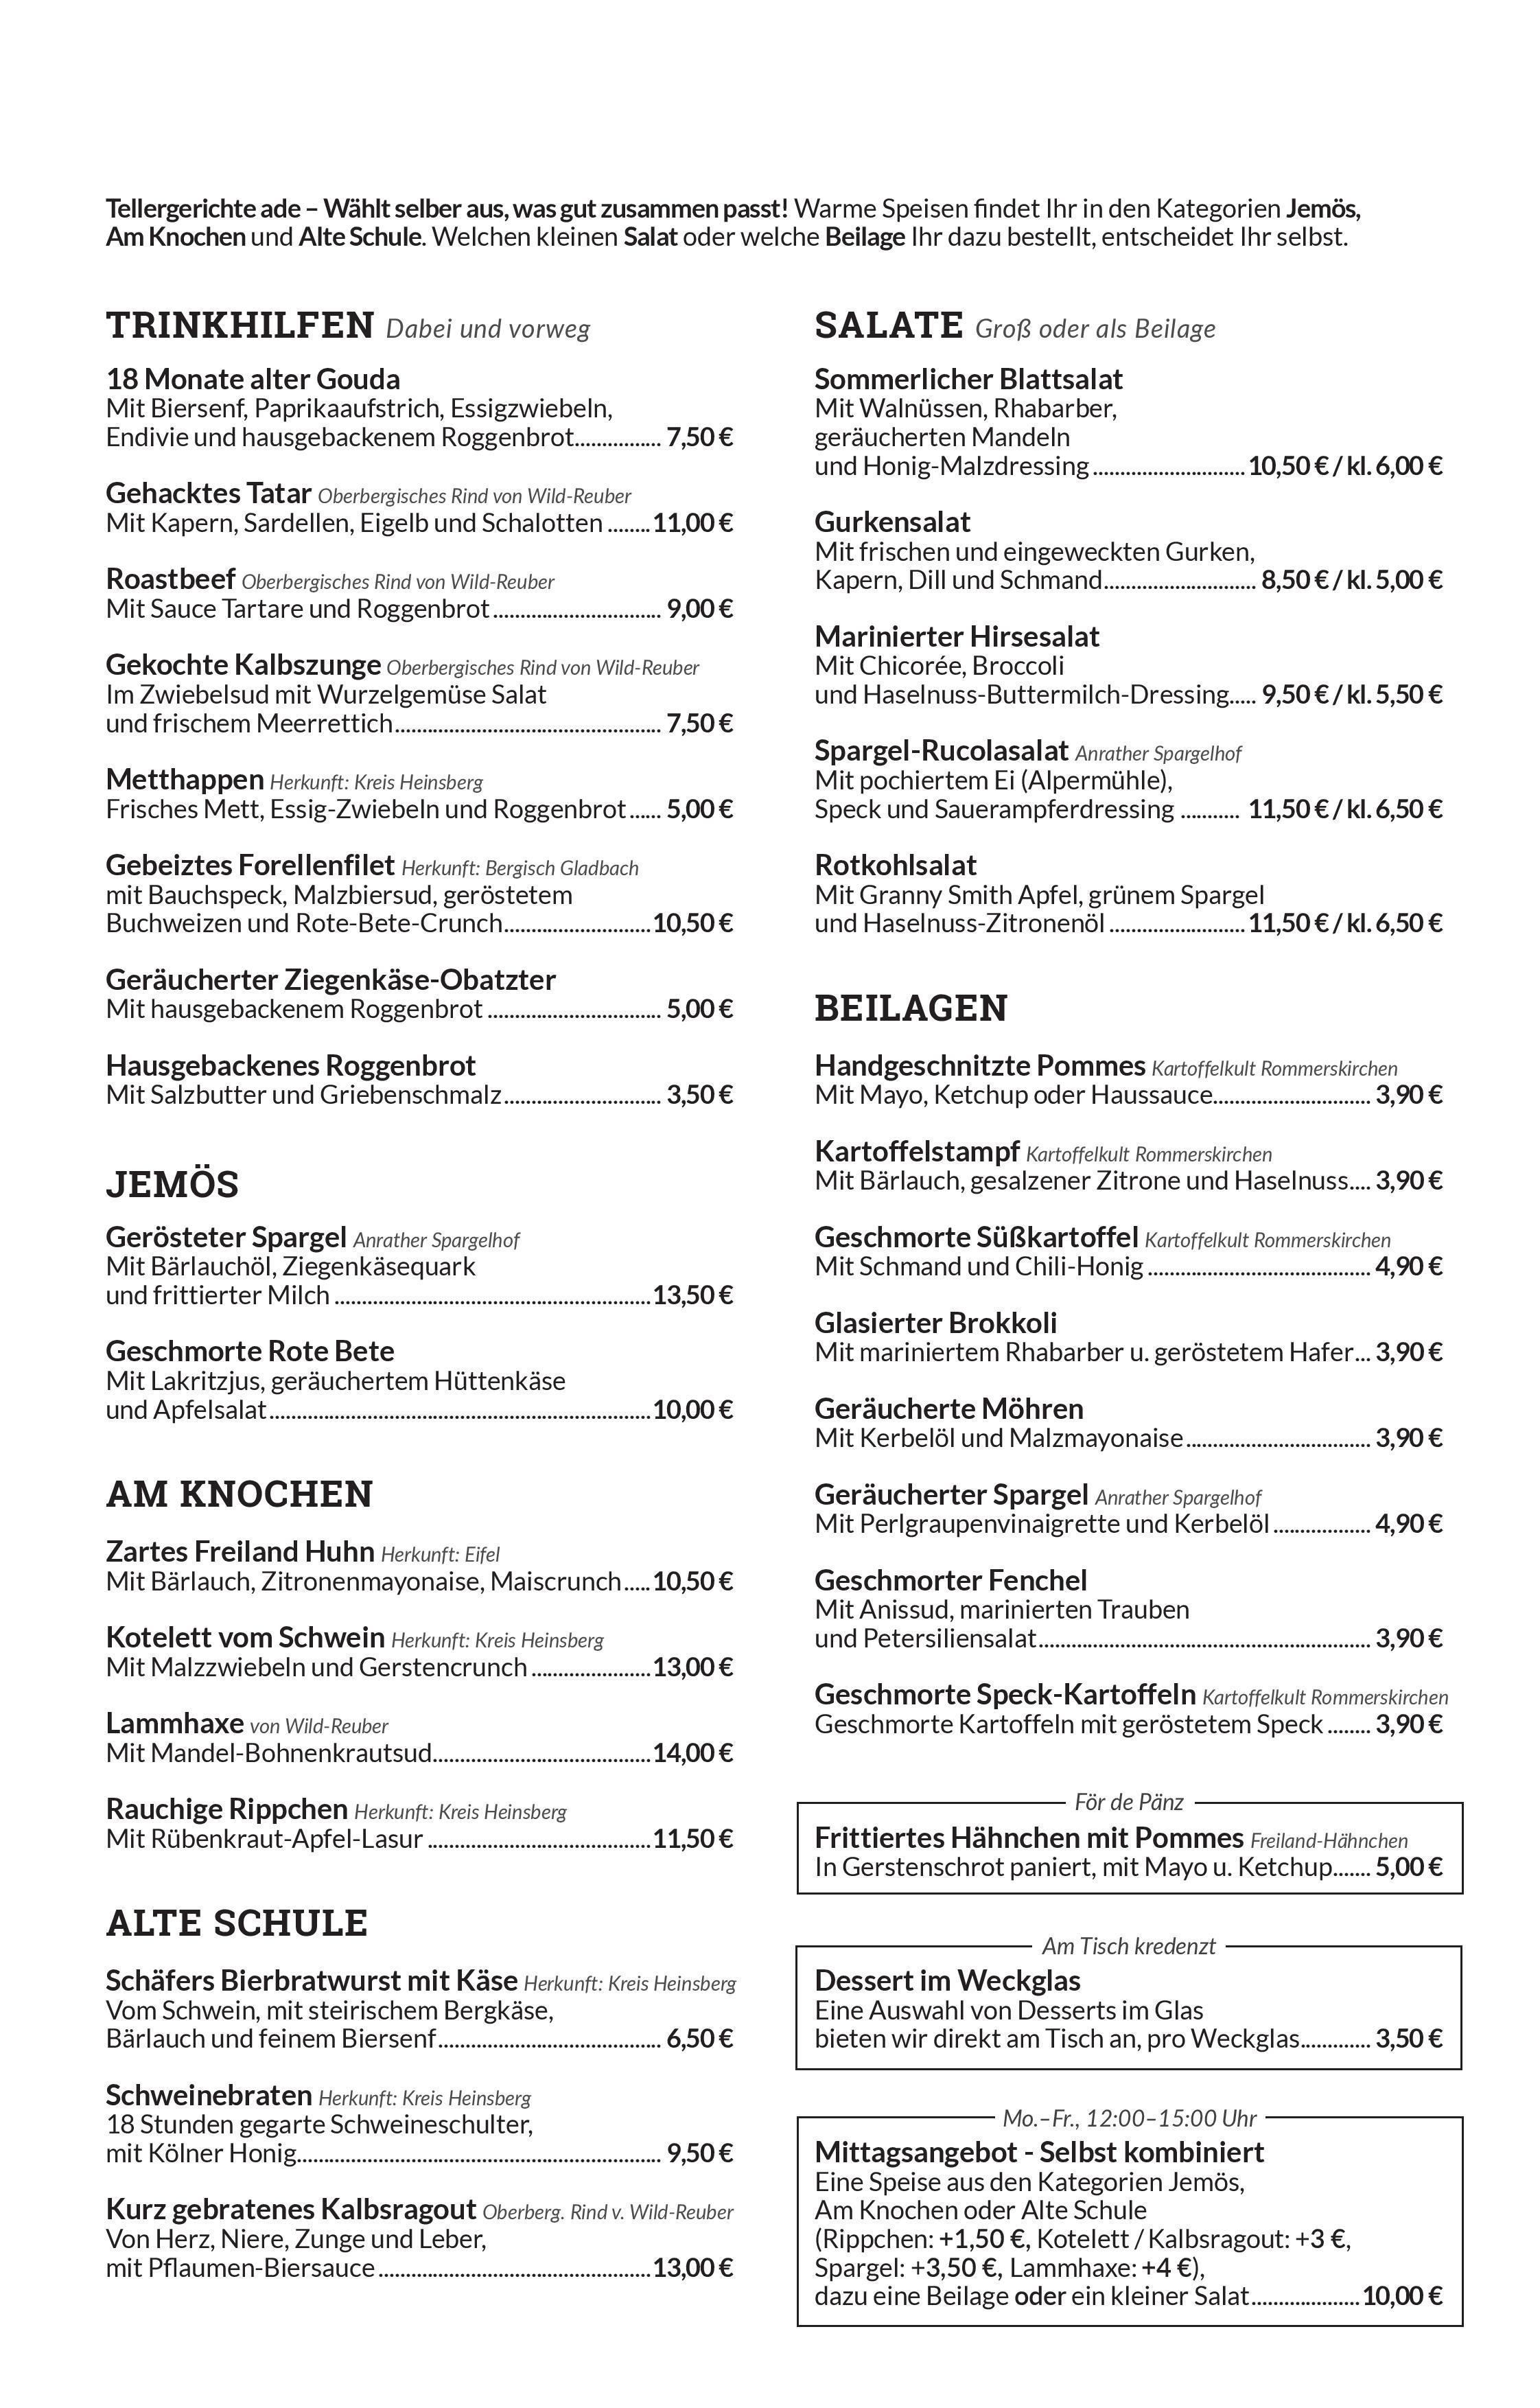 JS-Speisekarte-v51-update1904-page-001.jpg